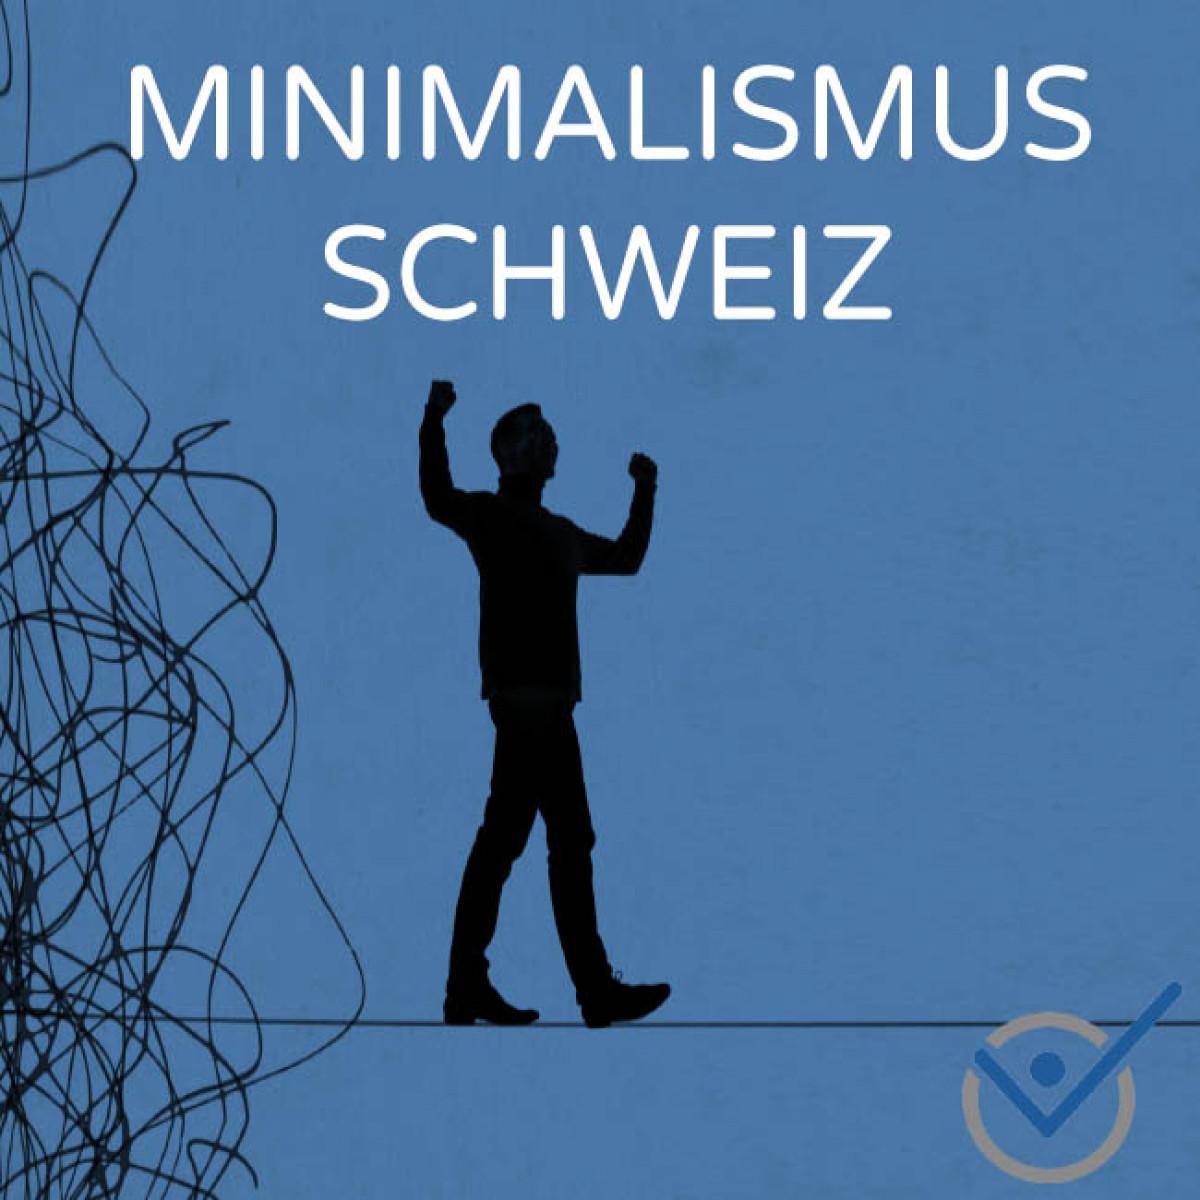 Minimalismus schweiz archives minimalismus for Minimalistisch leben blog